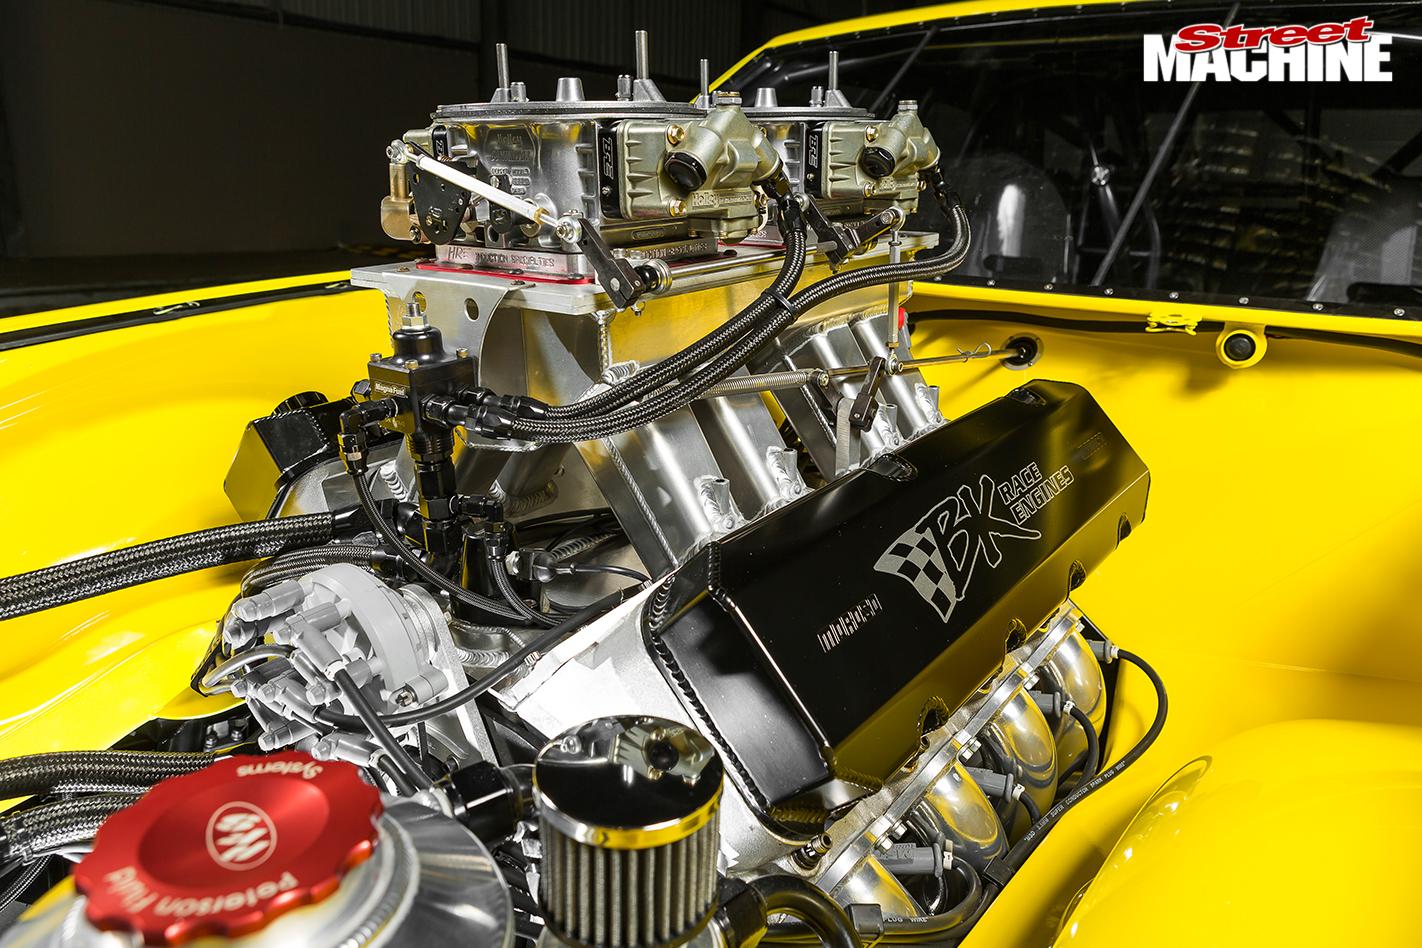 Holden -lx -torana -engine -detail